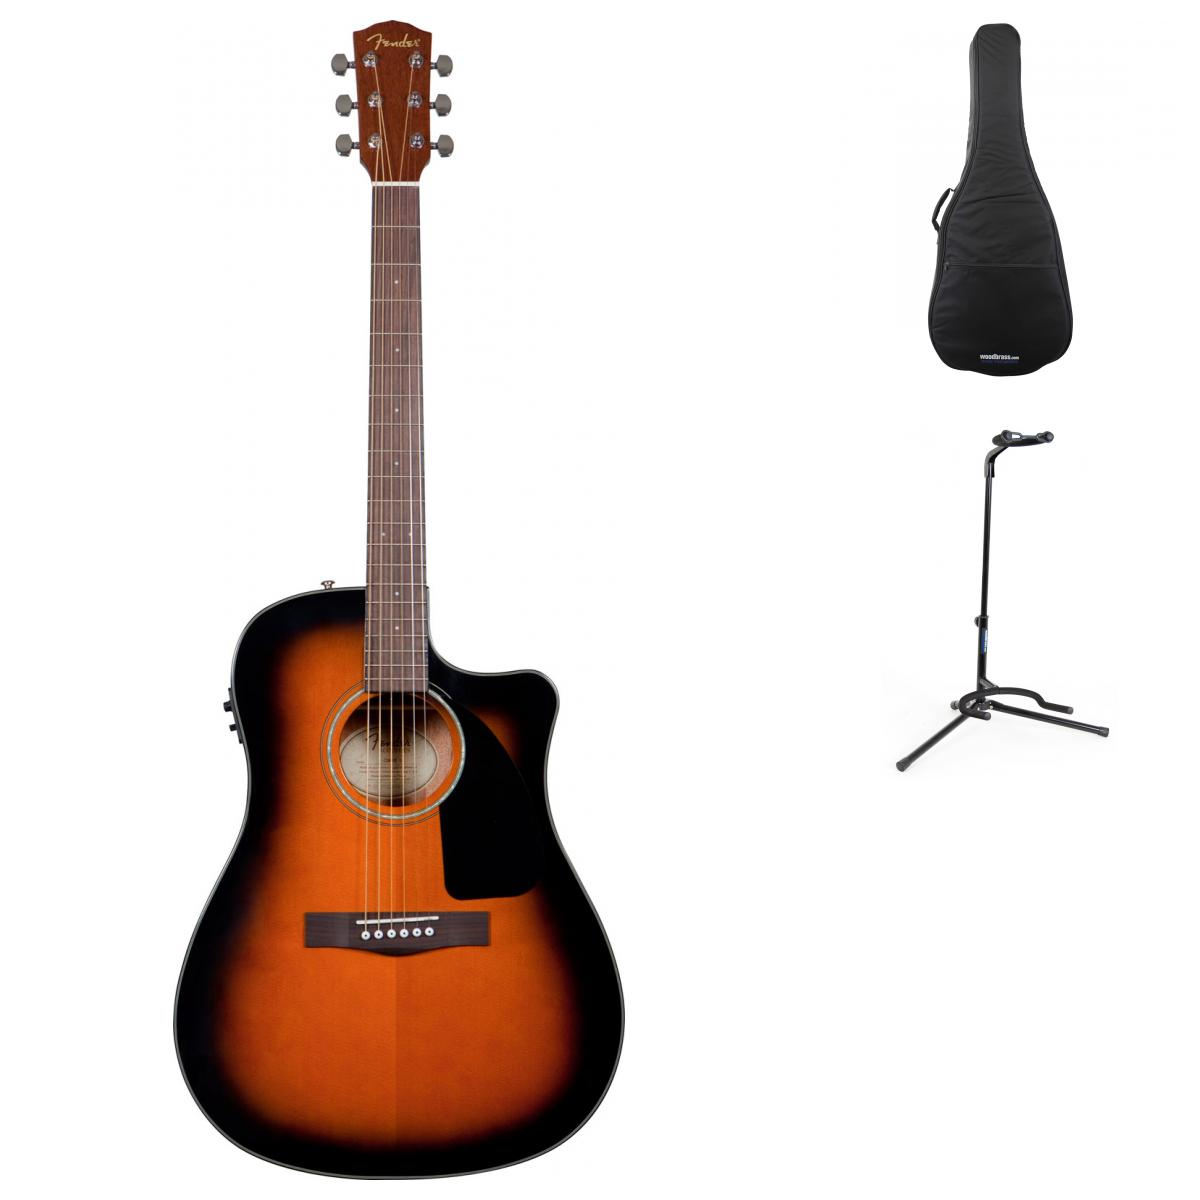 Fender Cd 60 Ce Sunburst V2 + Accessoires